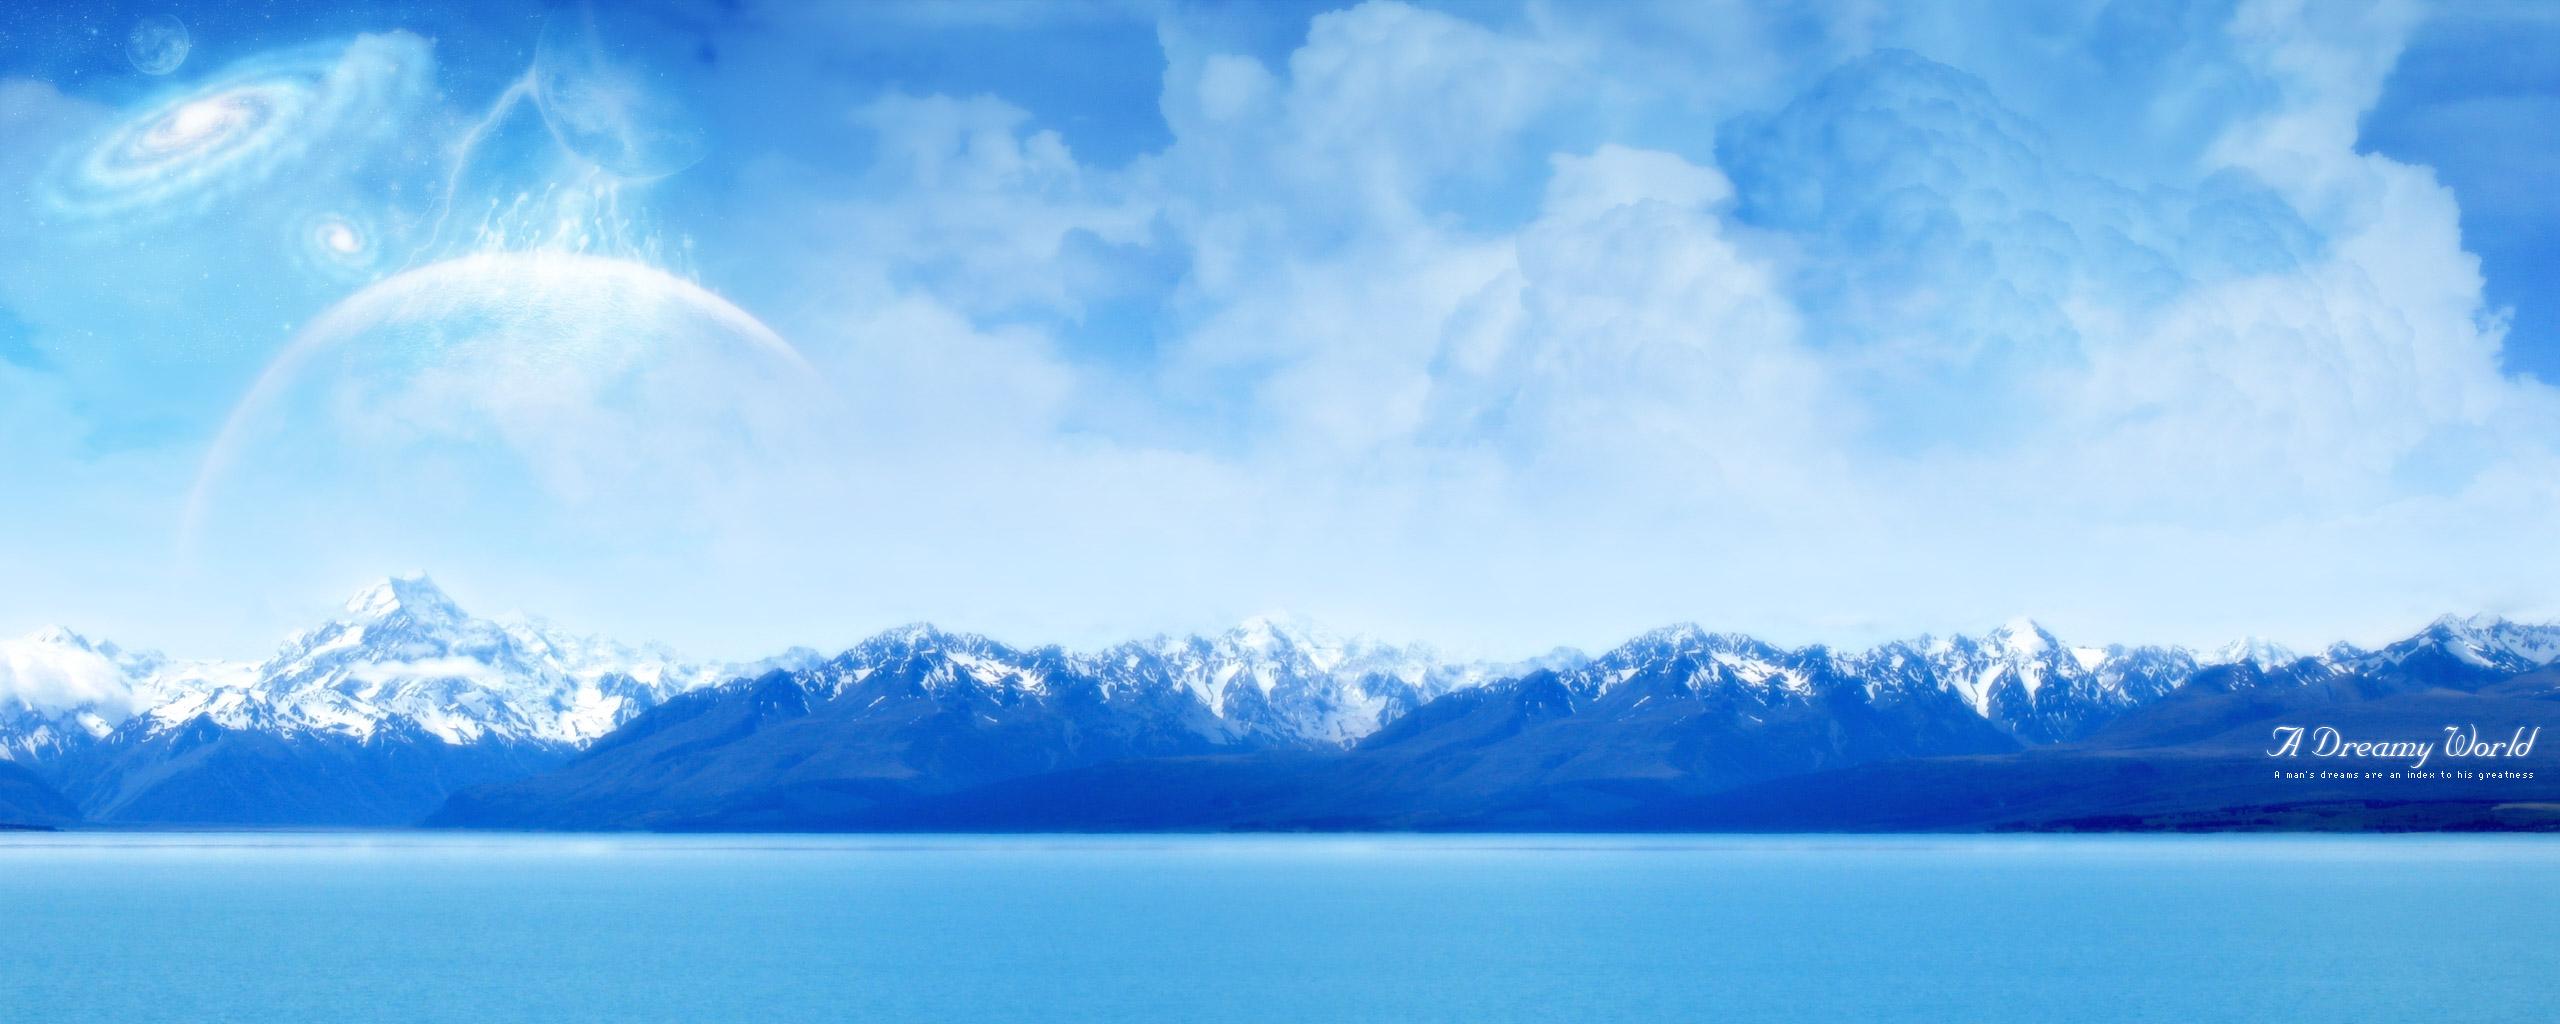 Ocean Panorama Wallpapers Arctic Ocean Panorama Myspace Backgrounds 2560x1024